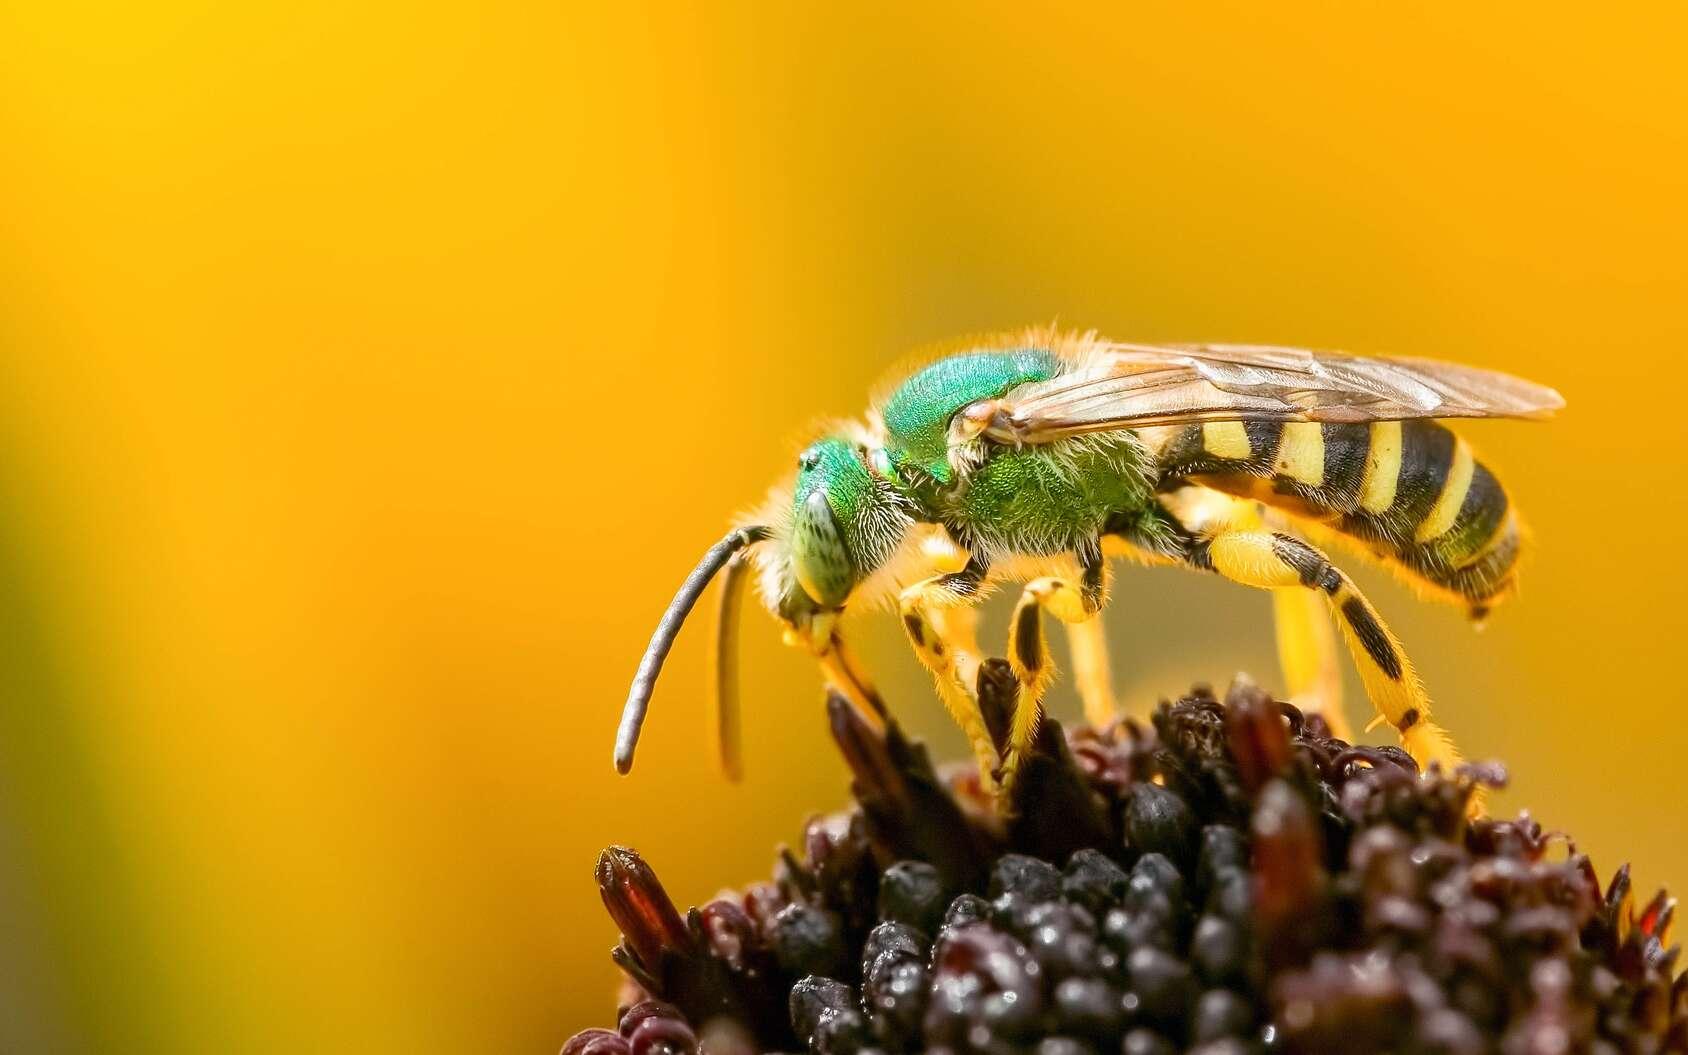 L'entomologiste est un spécialiste des insectes, chargé d'étudier les espèces et notamment leur rôle dans les écosystèmes. © Luc Pouliot, Fotolia.